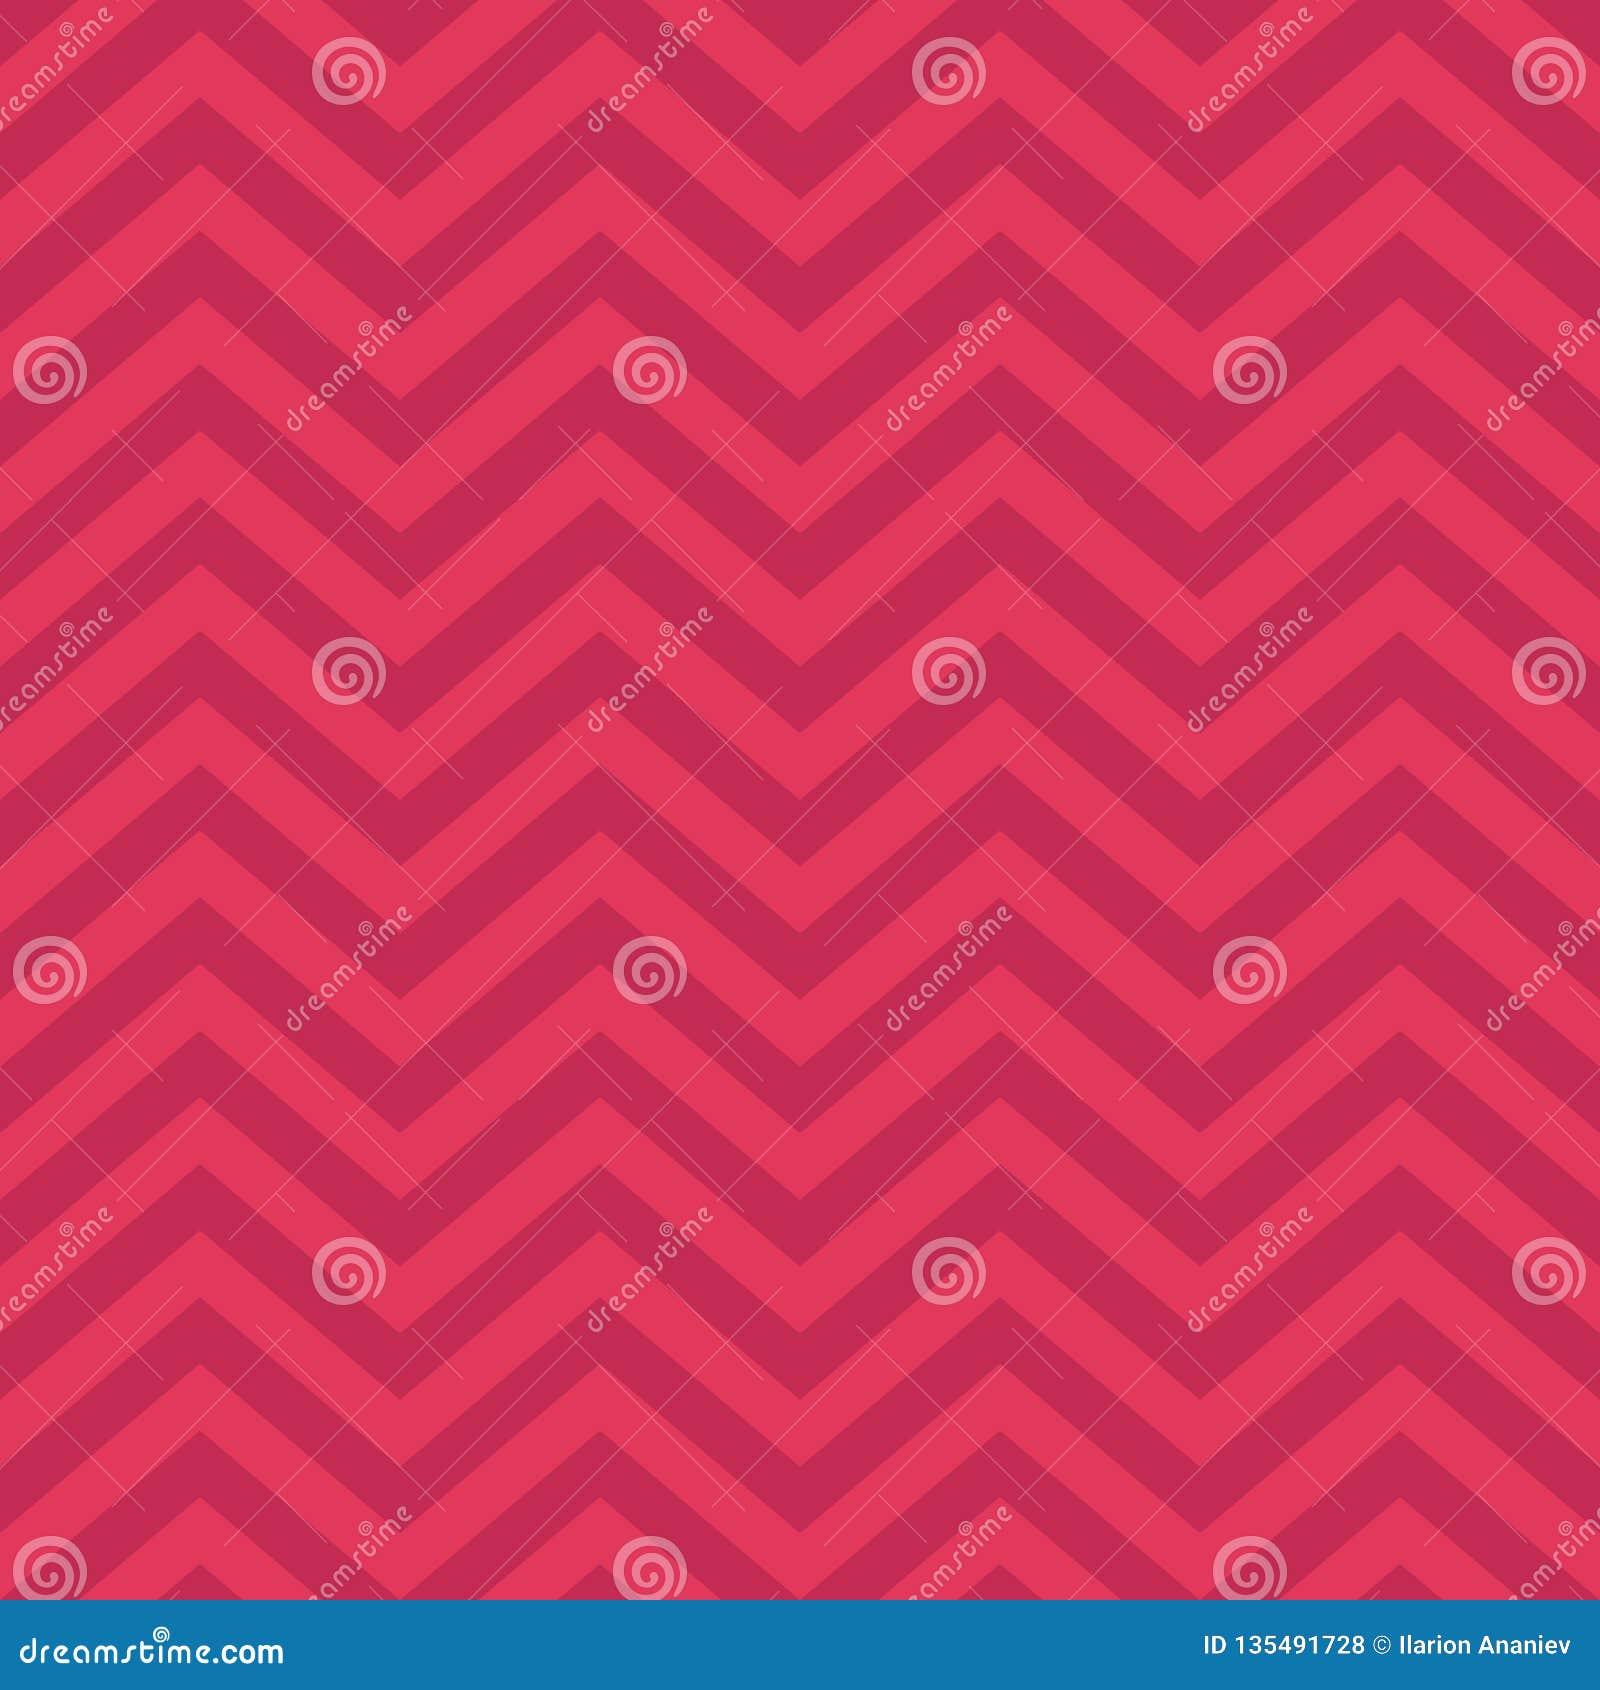 Fundo, teste padrão, textura para bater o papel, cartões, convite, bandeiras e decorati de Valentine Day Pink Geometric Seamless